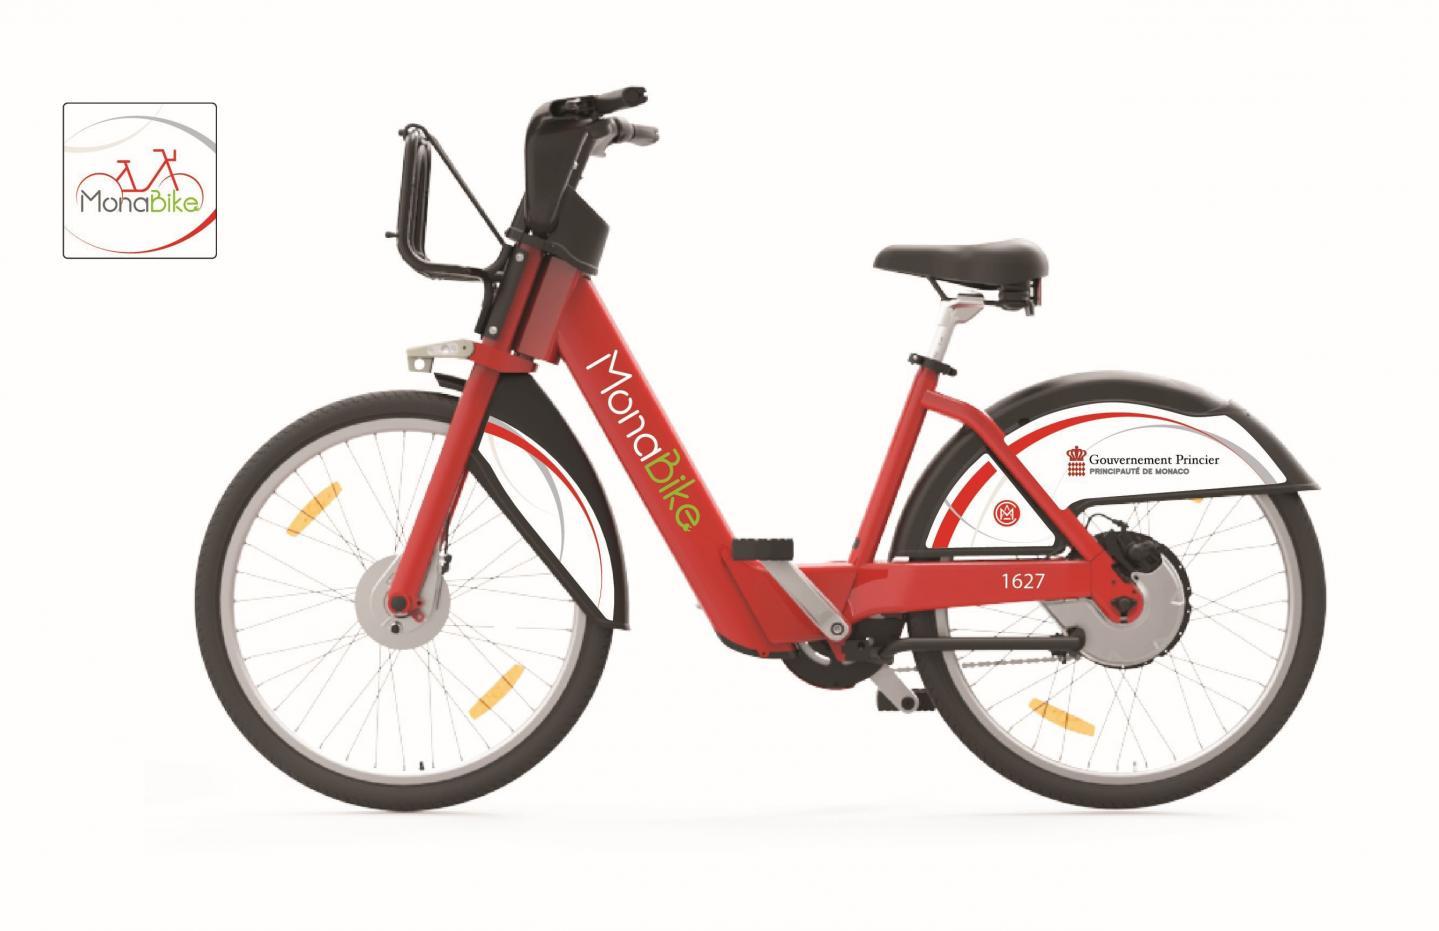 Monabike sera disponible à partir de mi-juillet à Monaco, mais aussi à Beausoleil, et bientôt à Cap-d'Ail et Roquebrune-Cap-Martin.